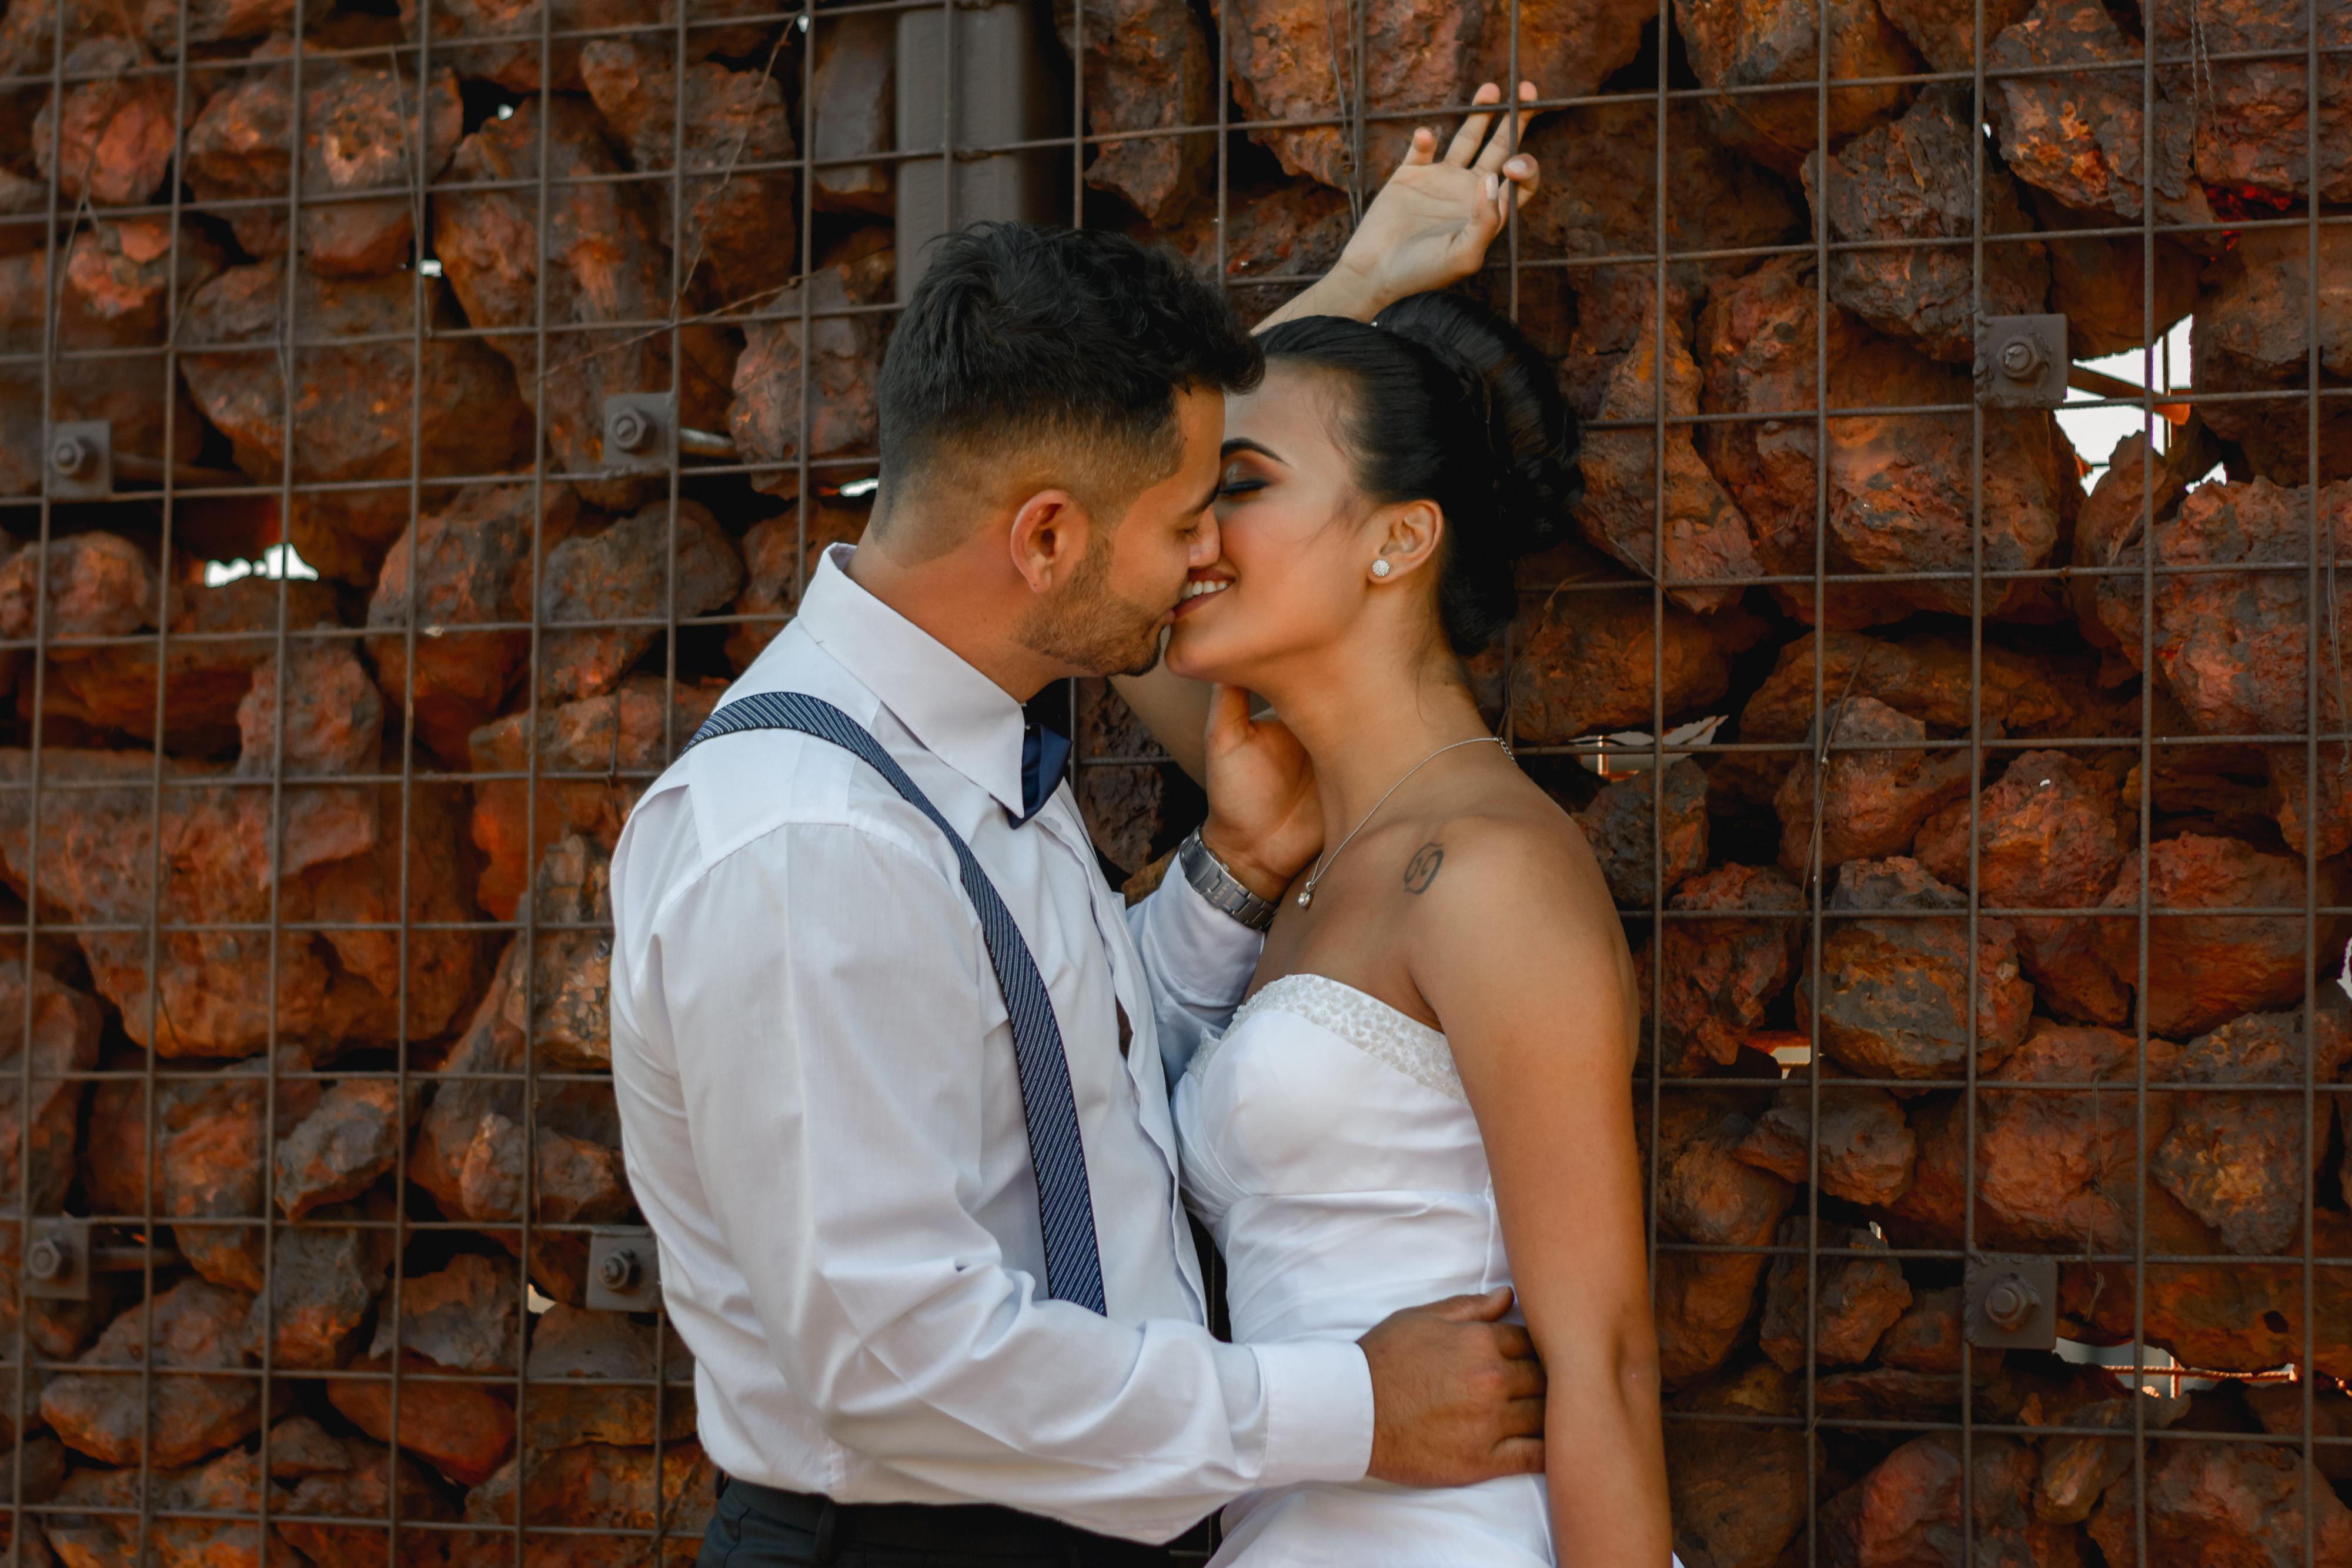 Ensaio pos wedding-71